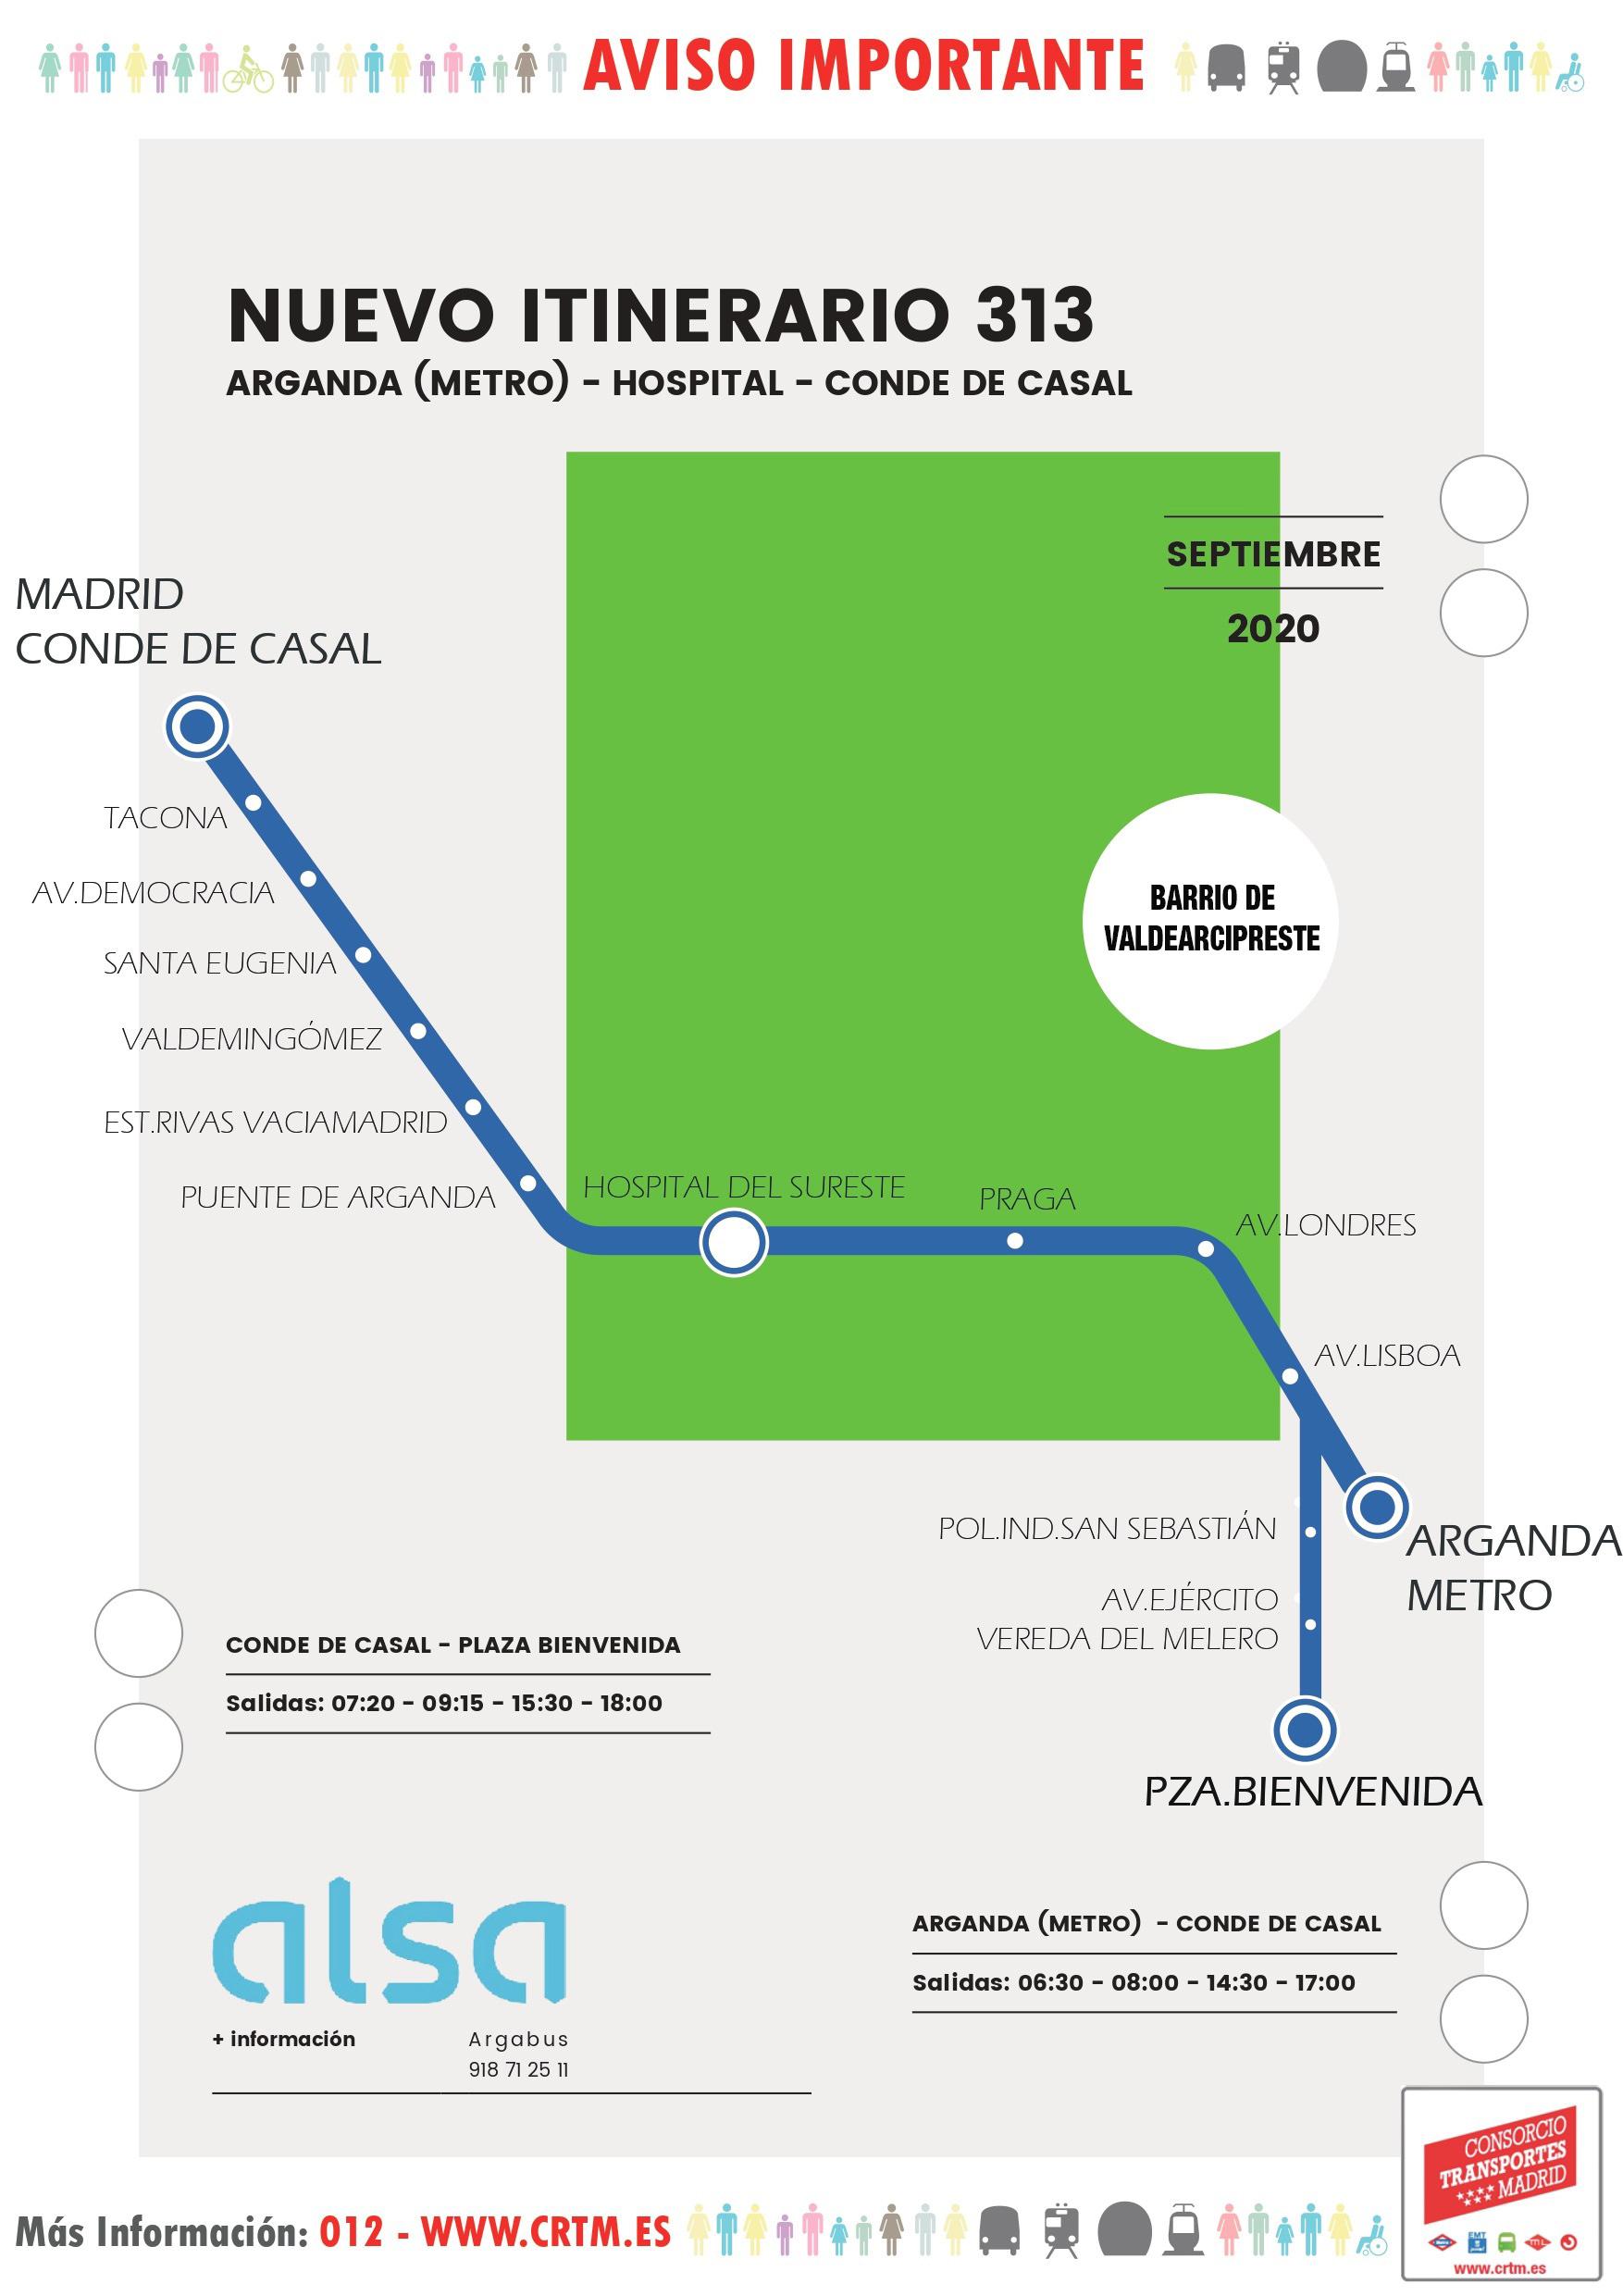 Nuevo itinerario de la línea 313 de autobuses para cubrir la demanda de los vecinos y vecinas del barrio de [...]